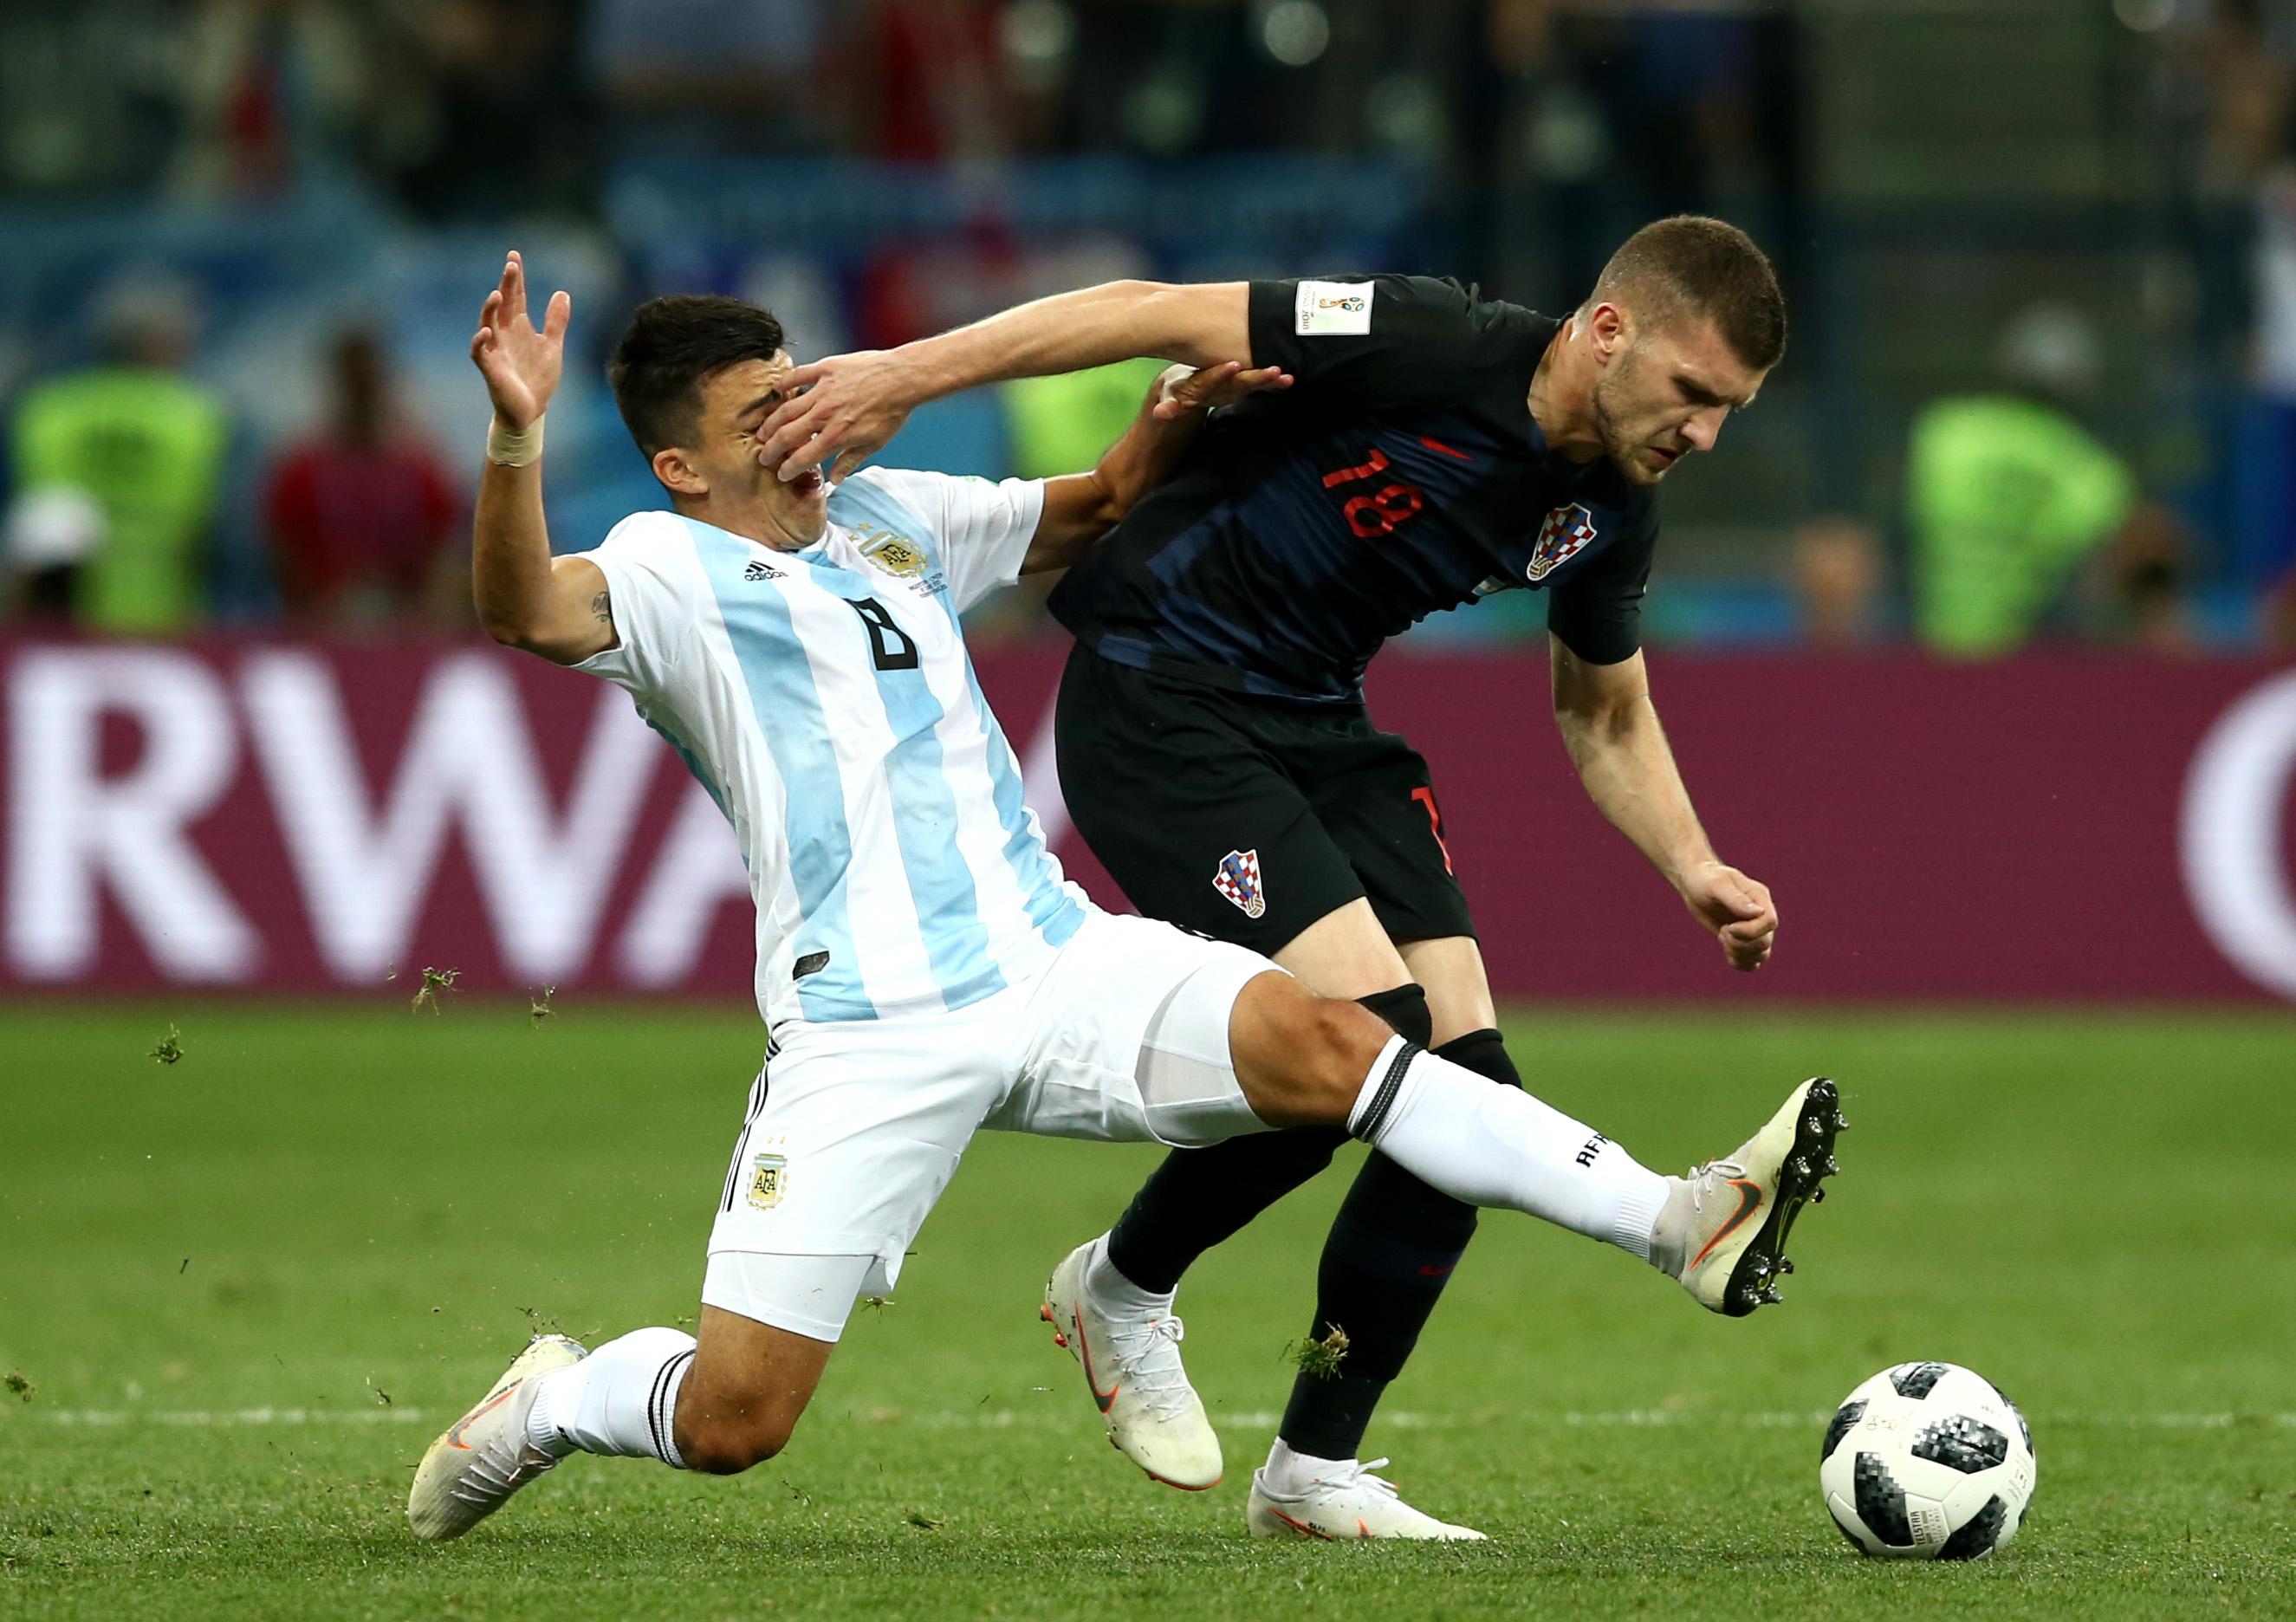 croatia argentina - ante rebic marcos acuna - world cup - 21062018